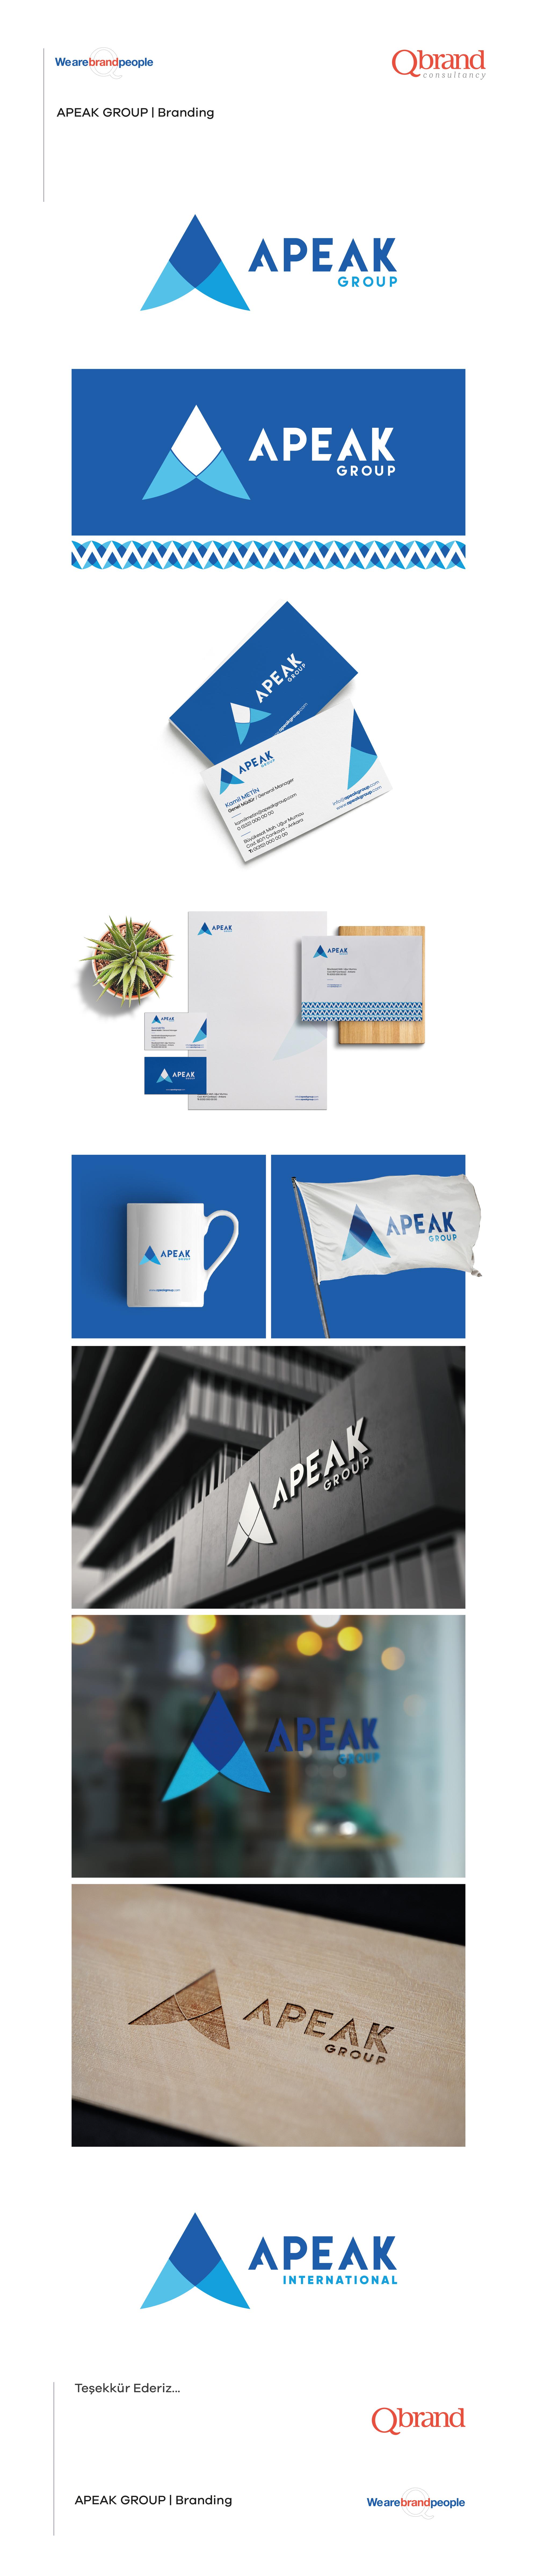 Ankara kurumsal kimlik tasarımı  Apeak